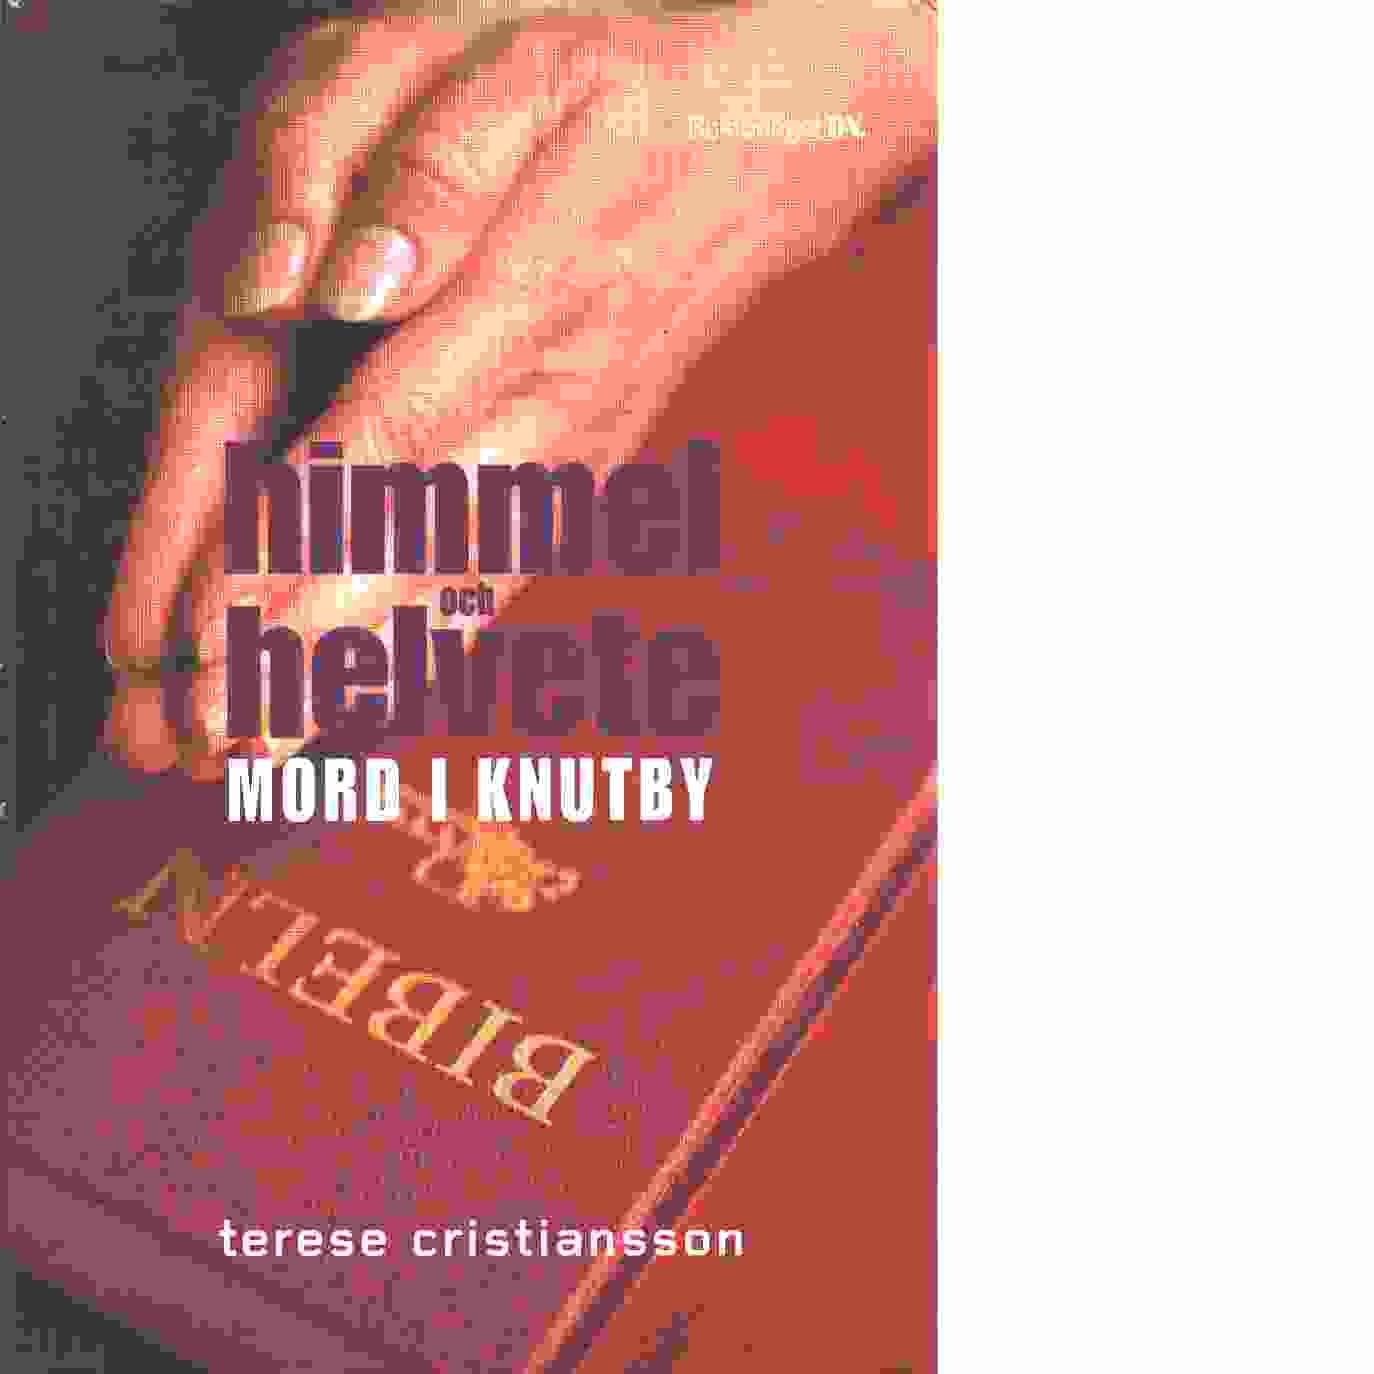 Himmel och helvete : mord i Knutby - Cristiansson, Terese